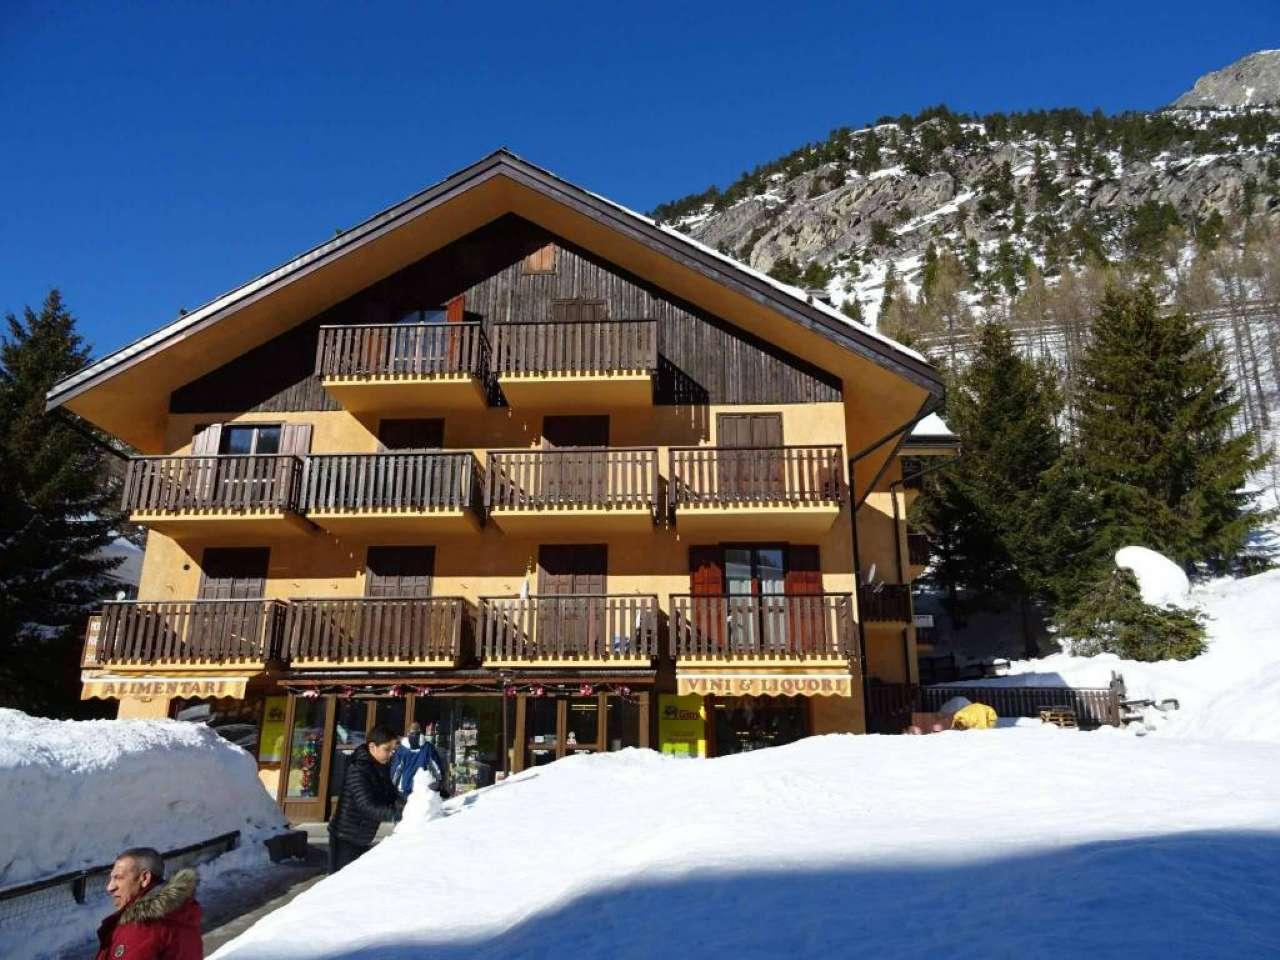 Appartamento in vendita a Claviere, 2 locali, prezzo € 165.000 | CambioCasa.it